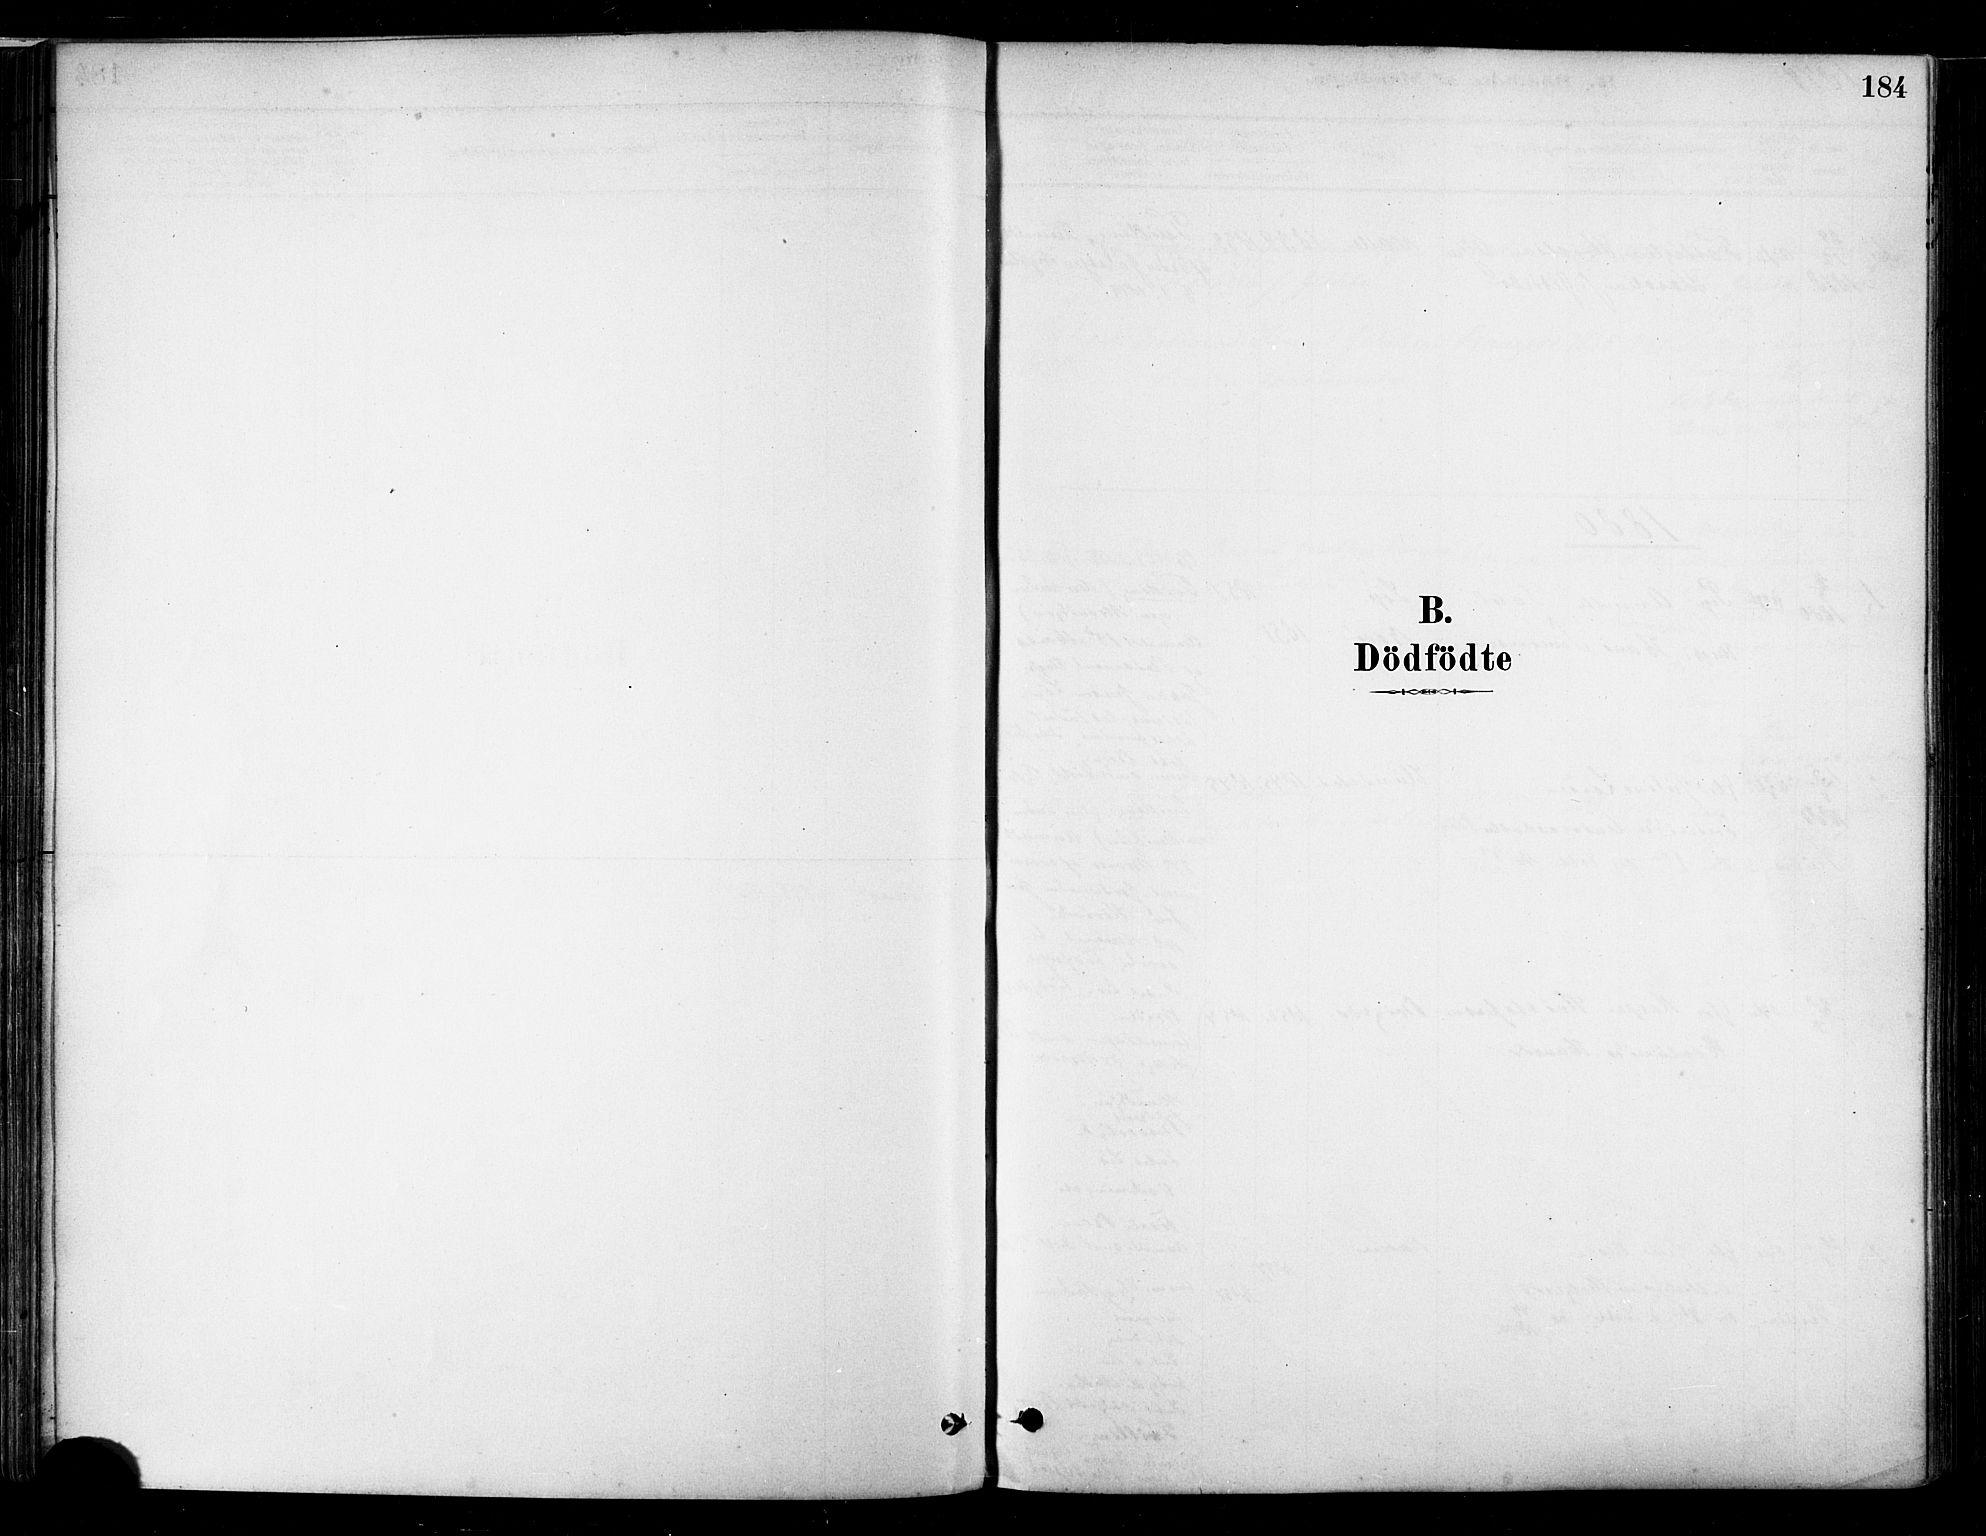 SAT, Ministerialprotokoller, klokkerbøker og fødselsregistre - Nordland, 802/L0054: Parish register (official) no. 802A01, 1879-1893, p. 184